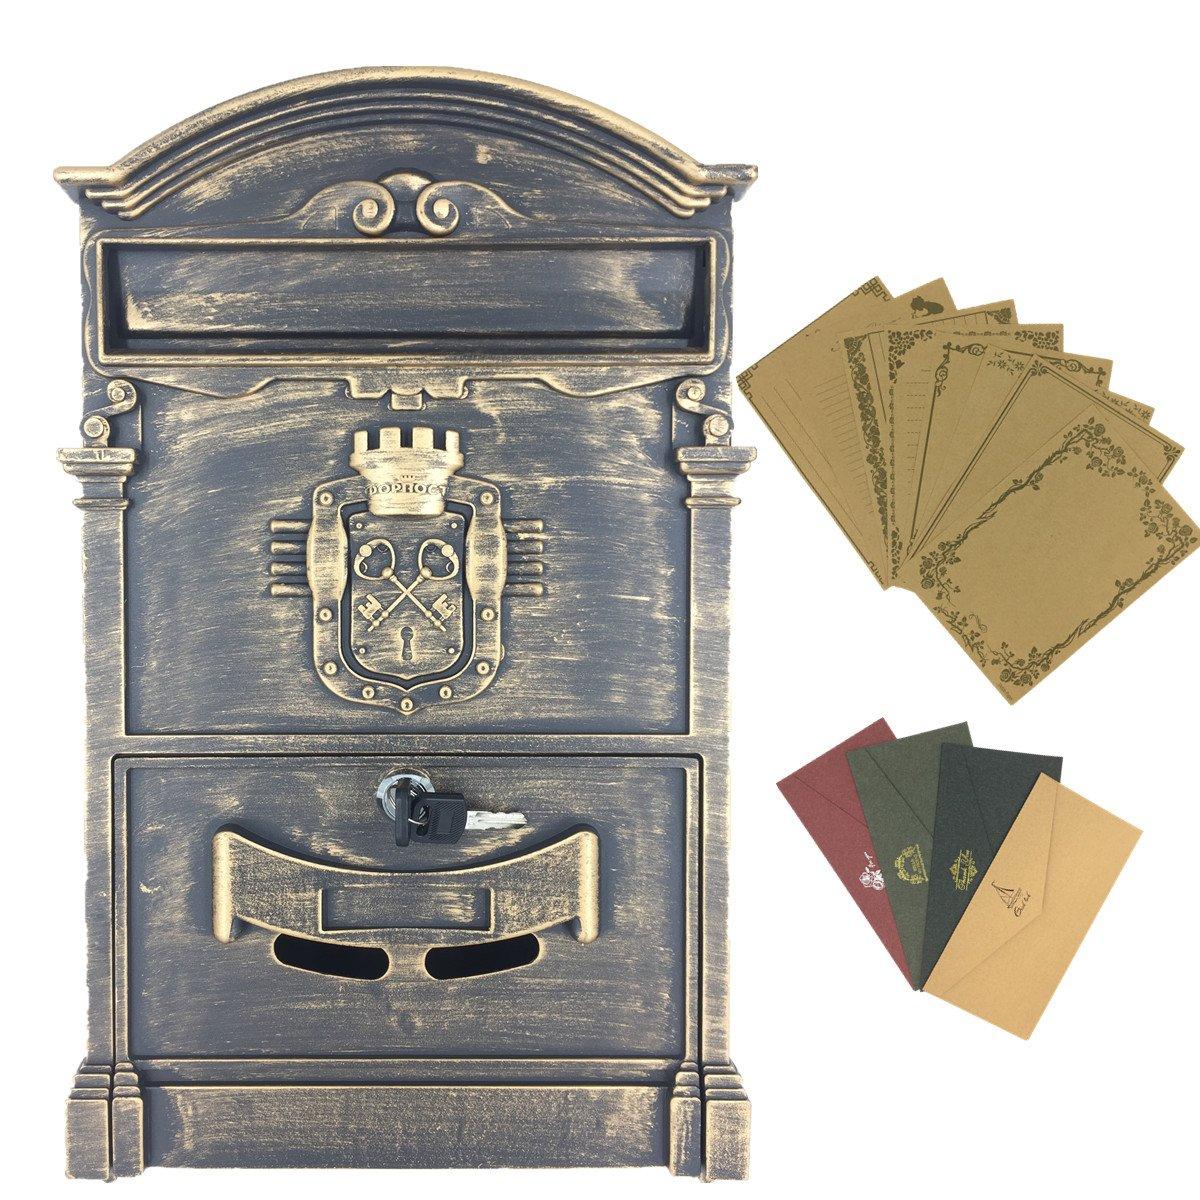 yahead exterior buzó n Retro Vintage Europea caja de aluminio montado en la pared caja de correos –  buzó n seguro fuera buzones con 8pcs Retro escritura papelerí a papel y 4pcs sobres